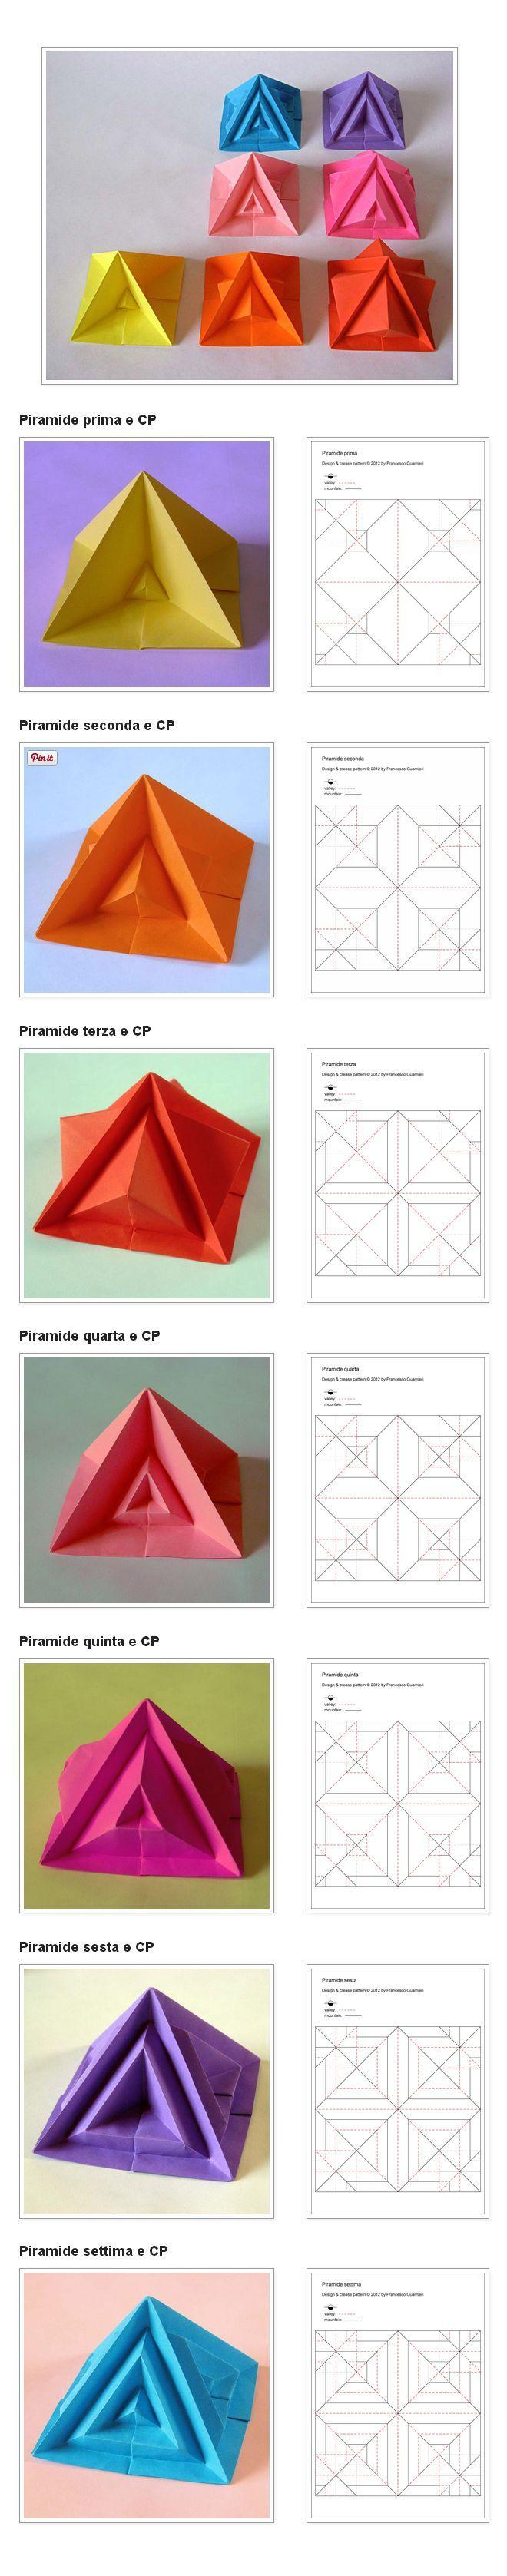 Photo of Origami: Siebte Pyramide und Varianten – Siebte Pyramide und Varianten, von Fran…